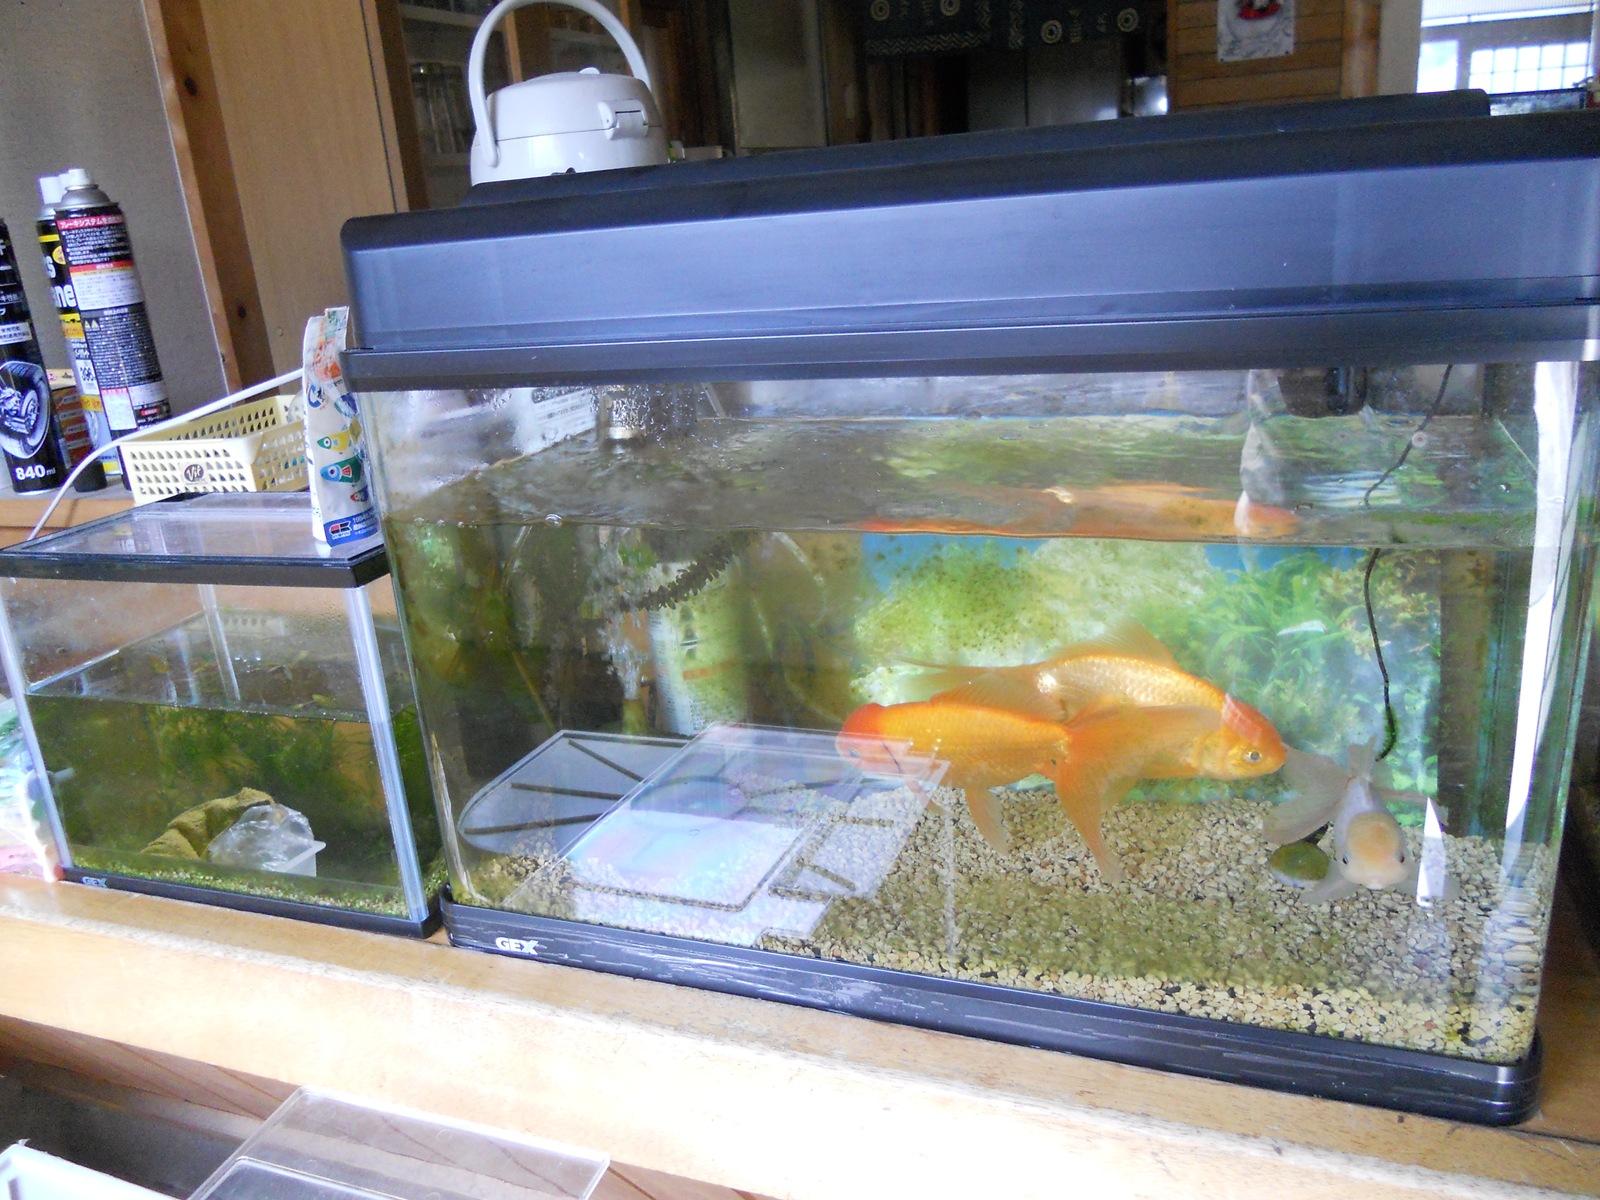 金魚の水槽掃除と水替え:11.03.13